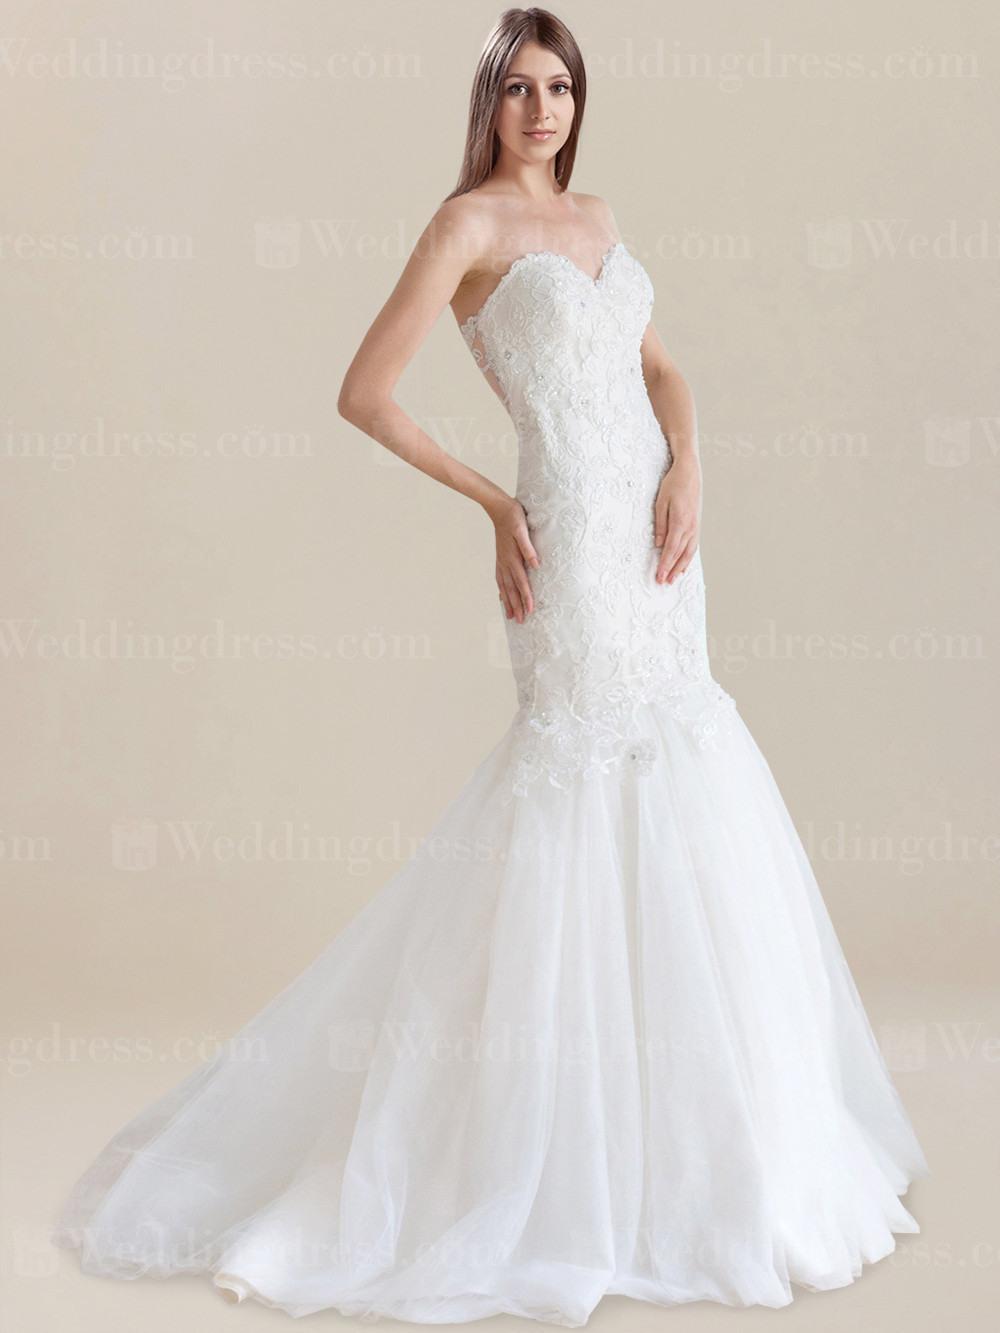 17 Ausgezeichnet Kleid Für Die Hochzeit für 201910 Kreativ Kleid Für Die Hochzeit Boutique